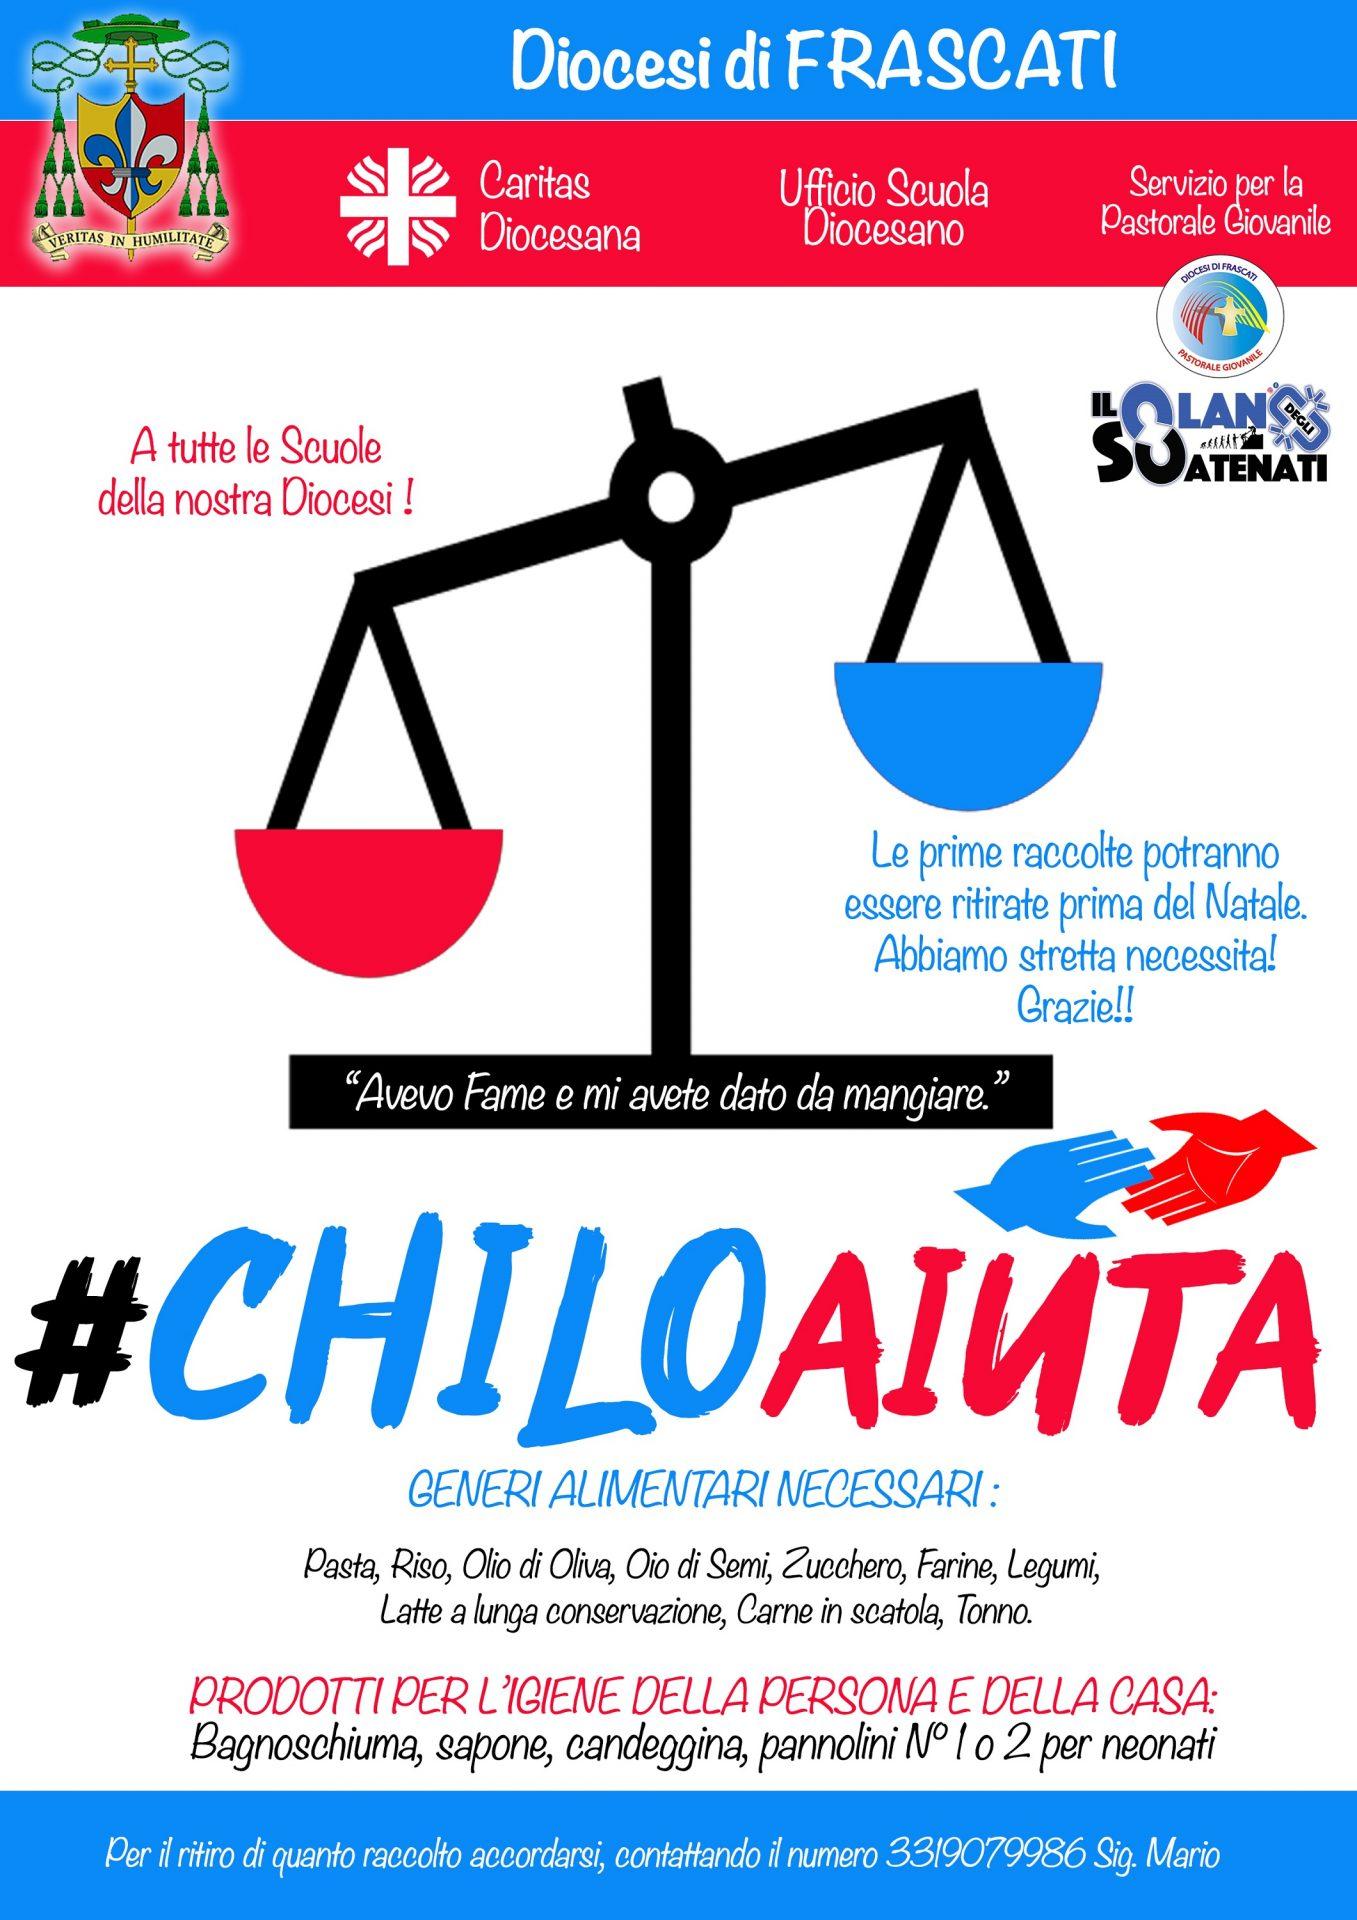 #chiloaiuta progetto Diocesi